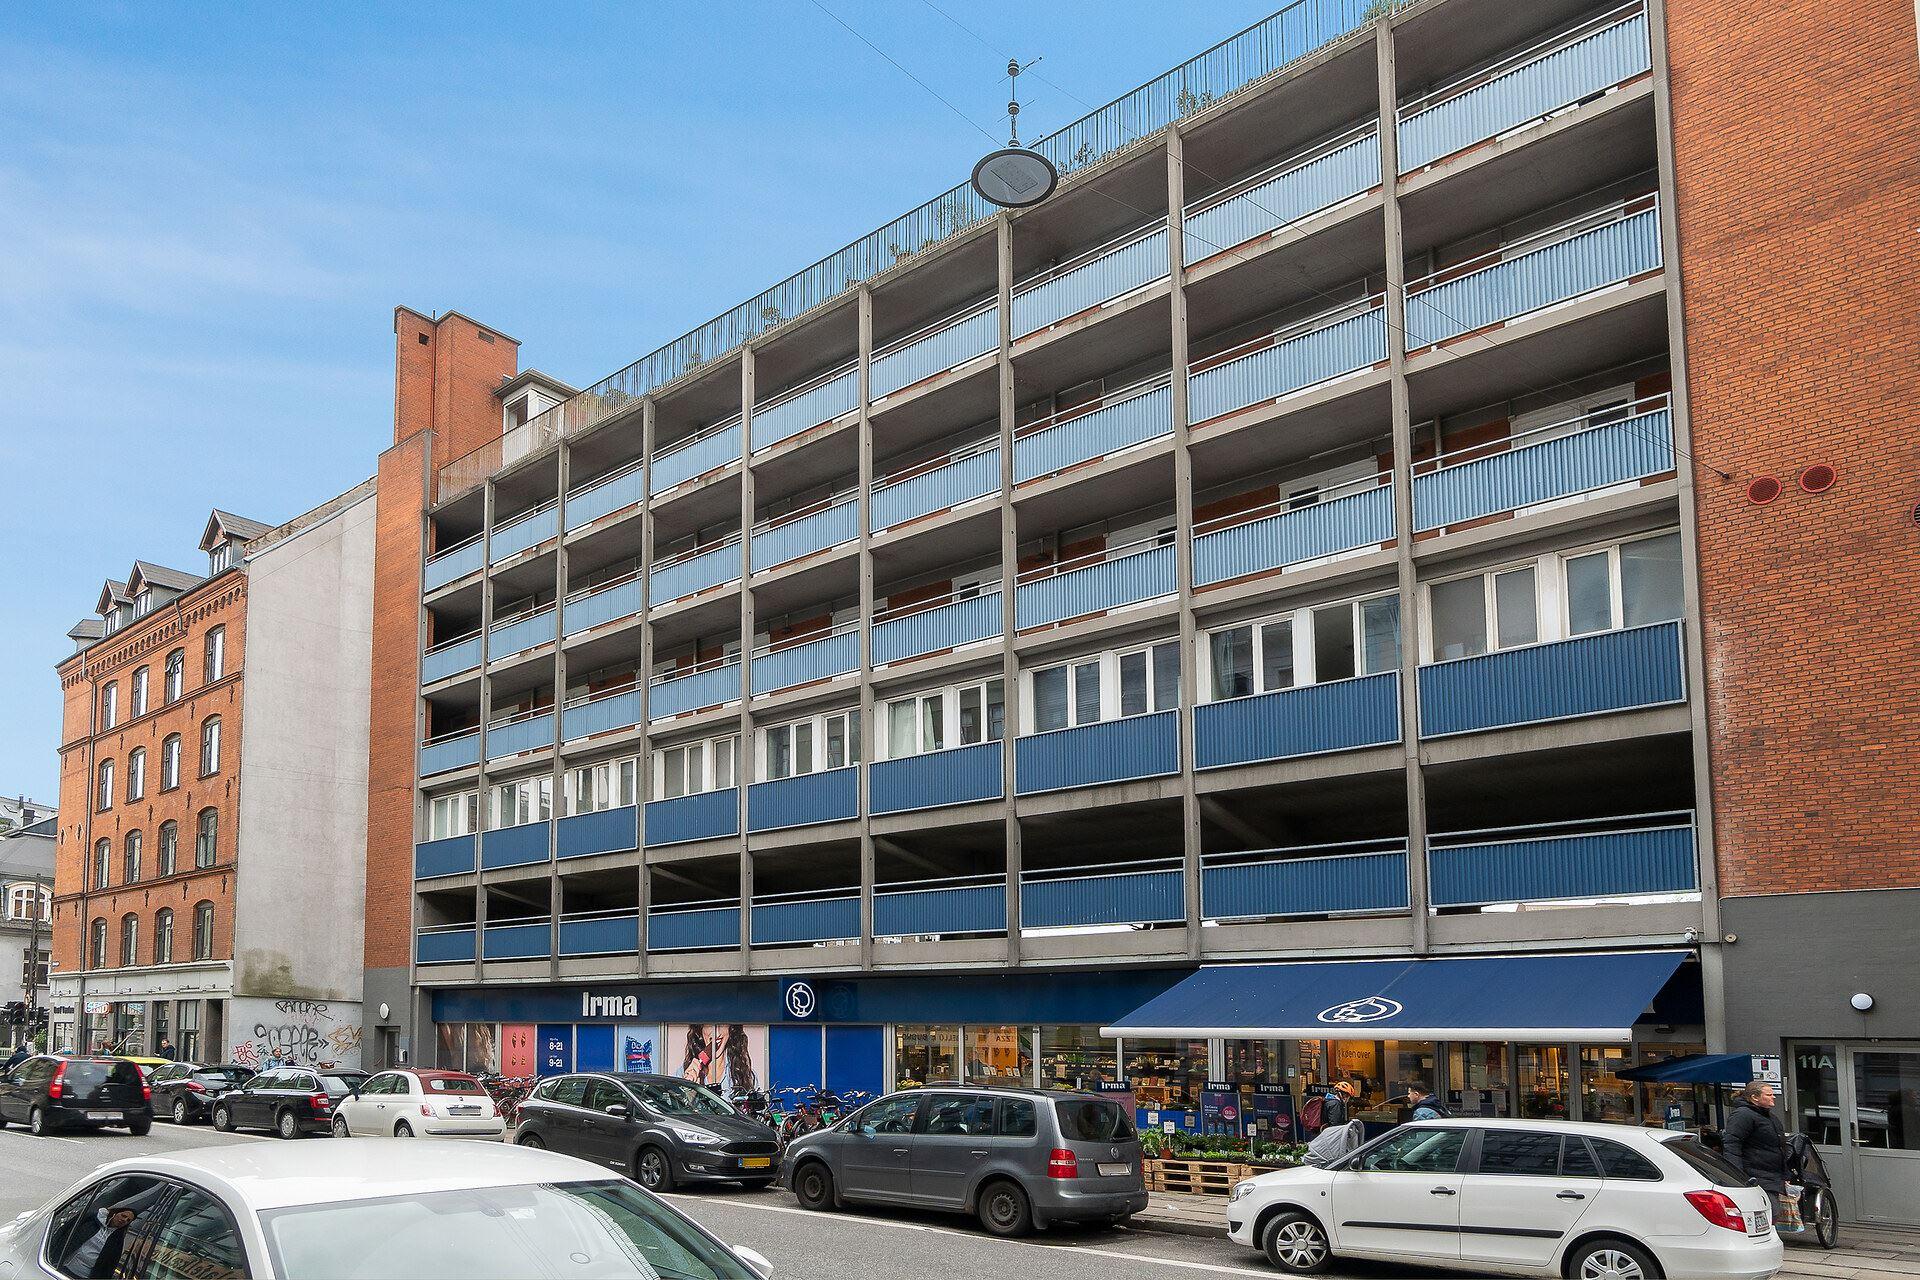 Rantzausgade 11 2 8, 2200 København N